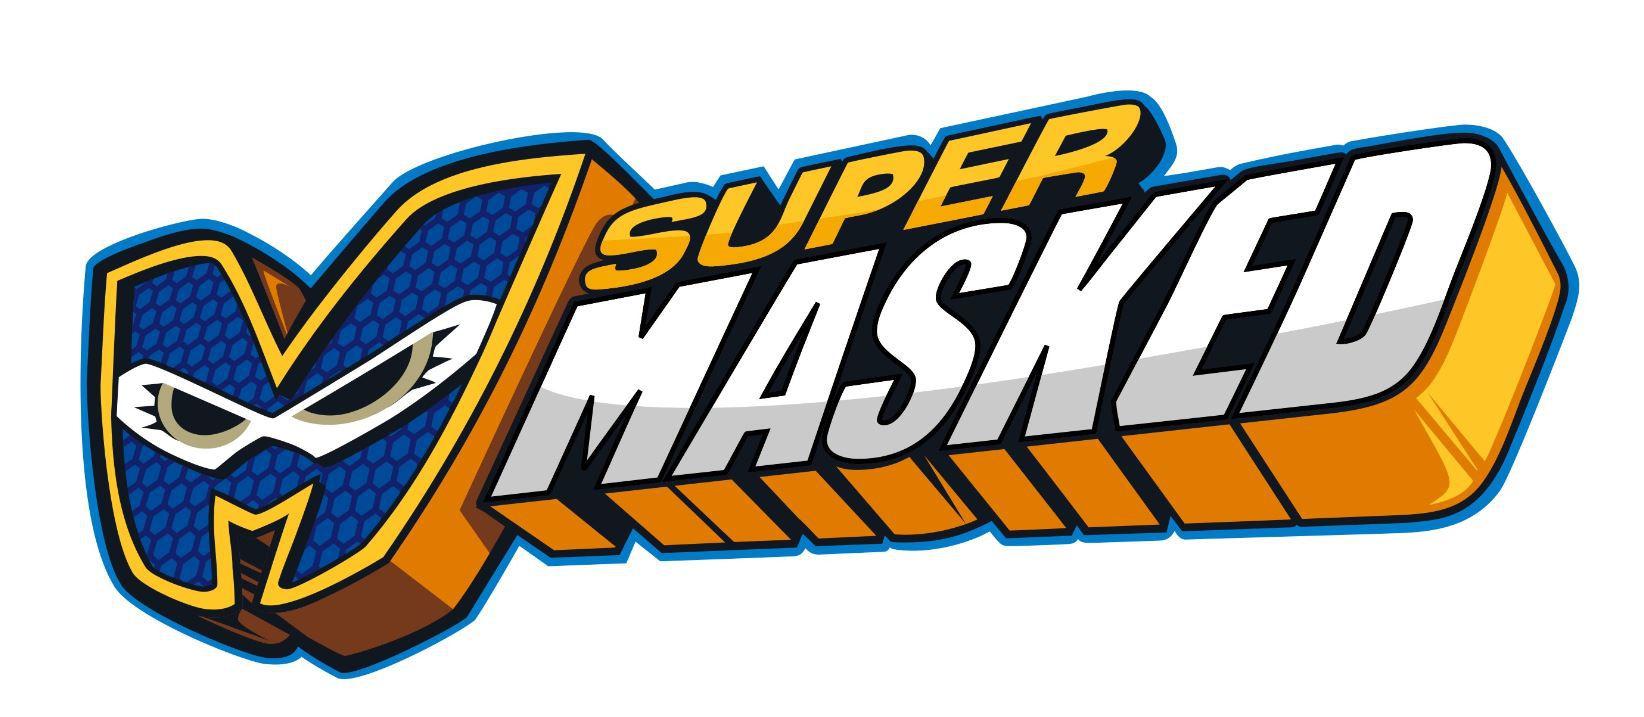 Bildmarke: SUPER MASKED